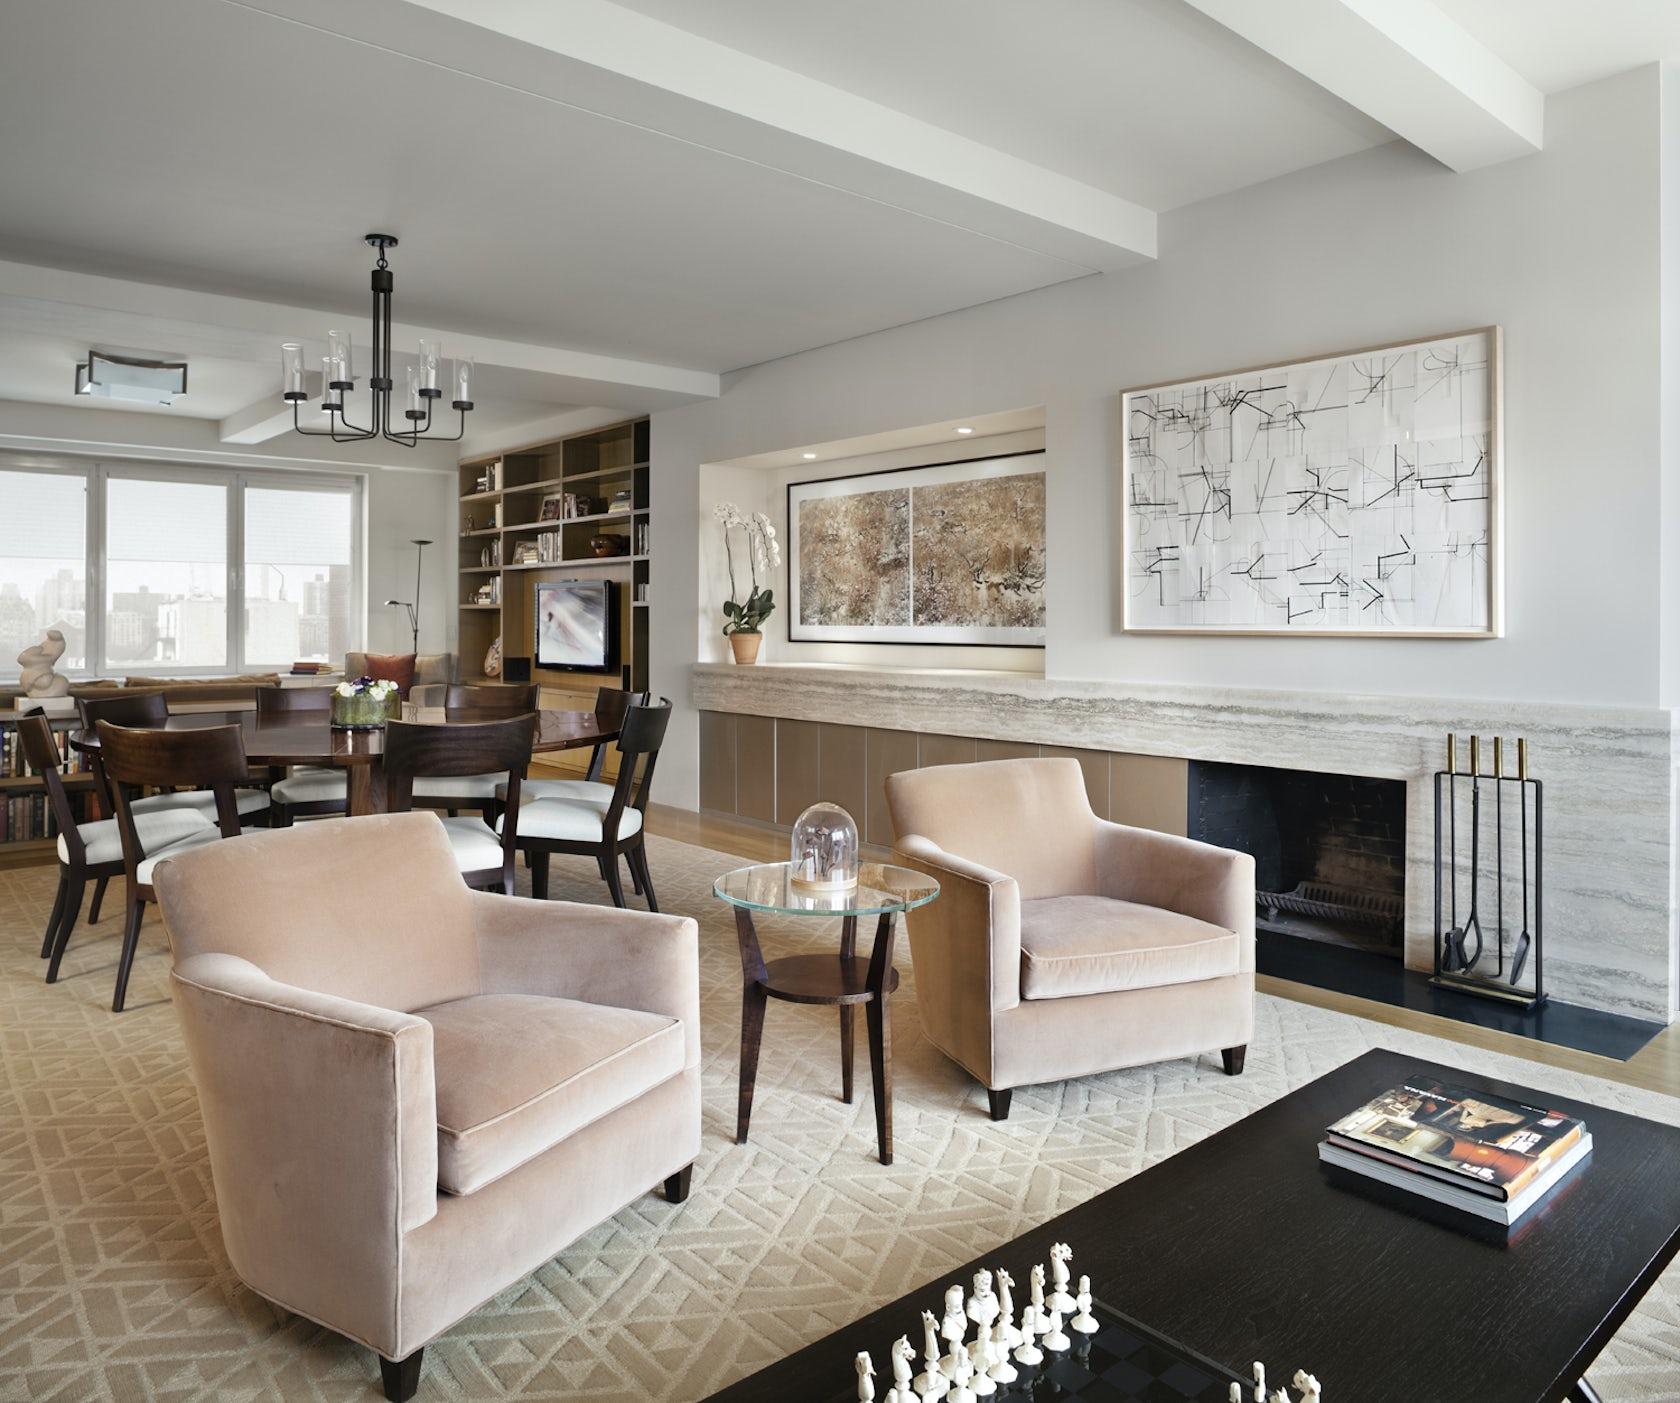 Studio Lux Lighting Design: Studio Luxe Interior Design